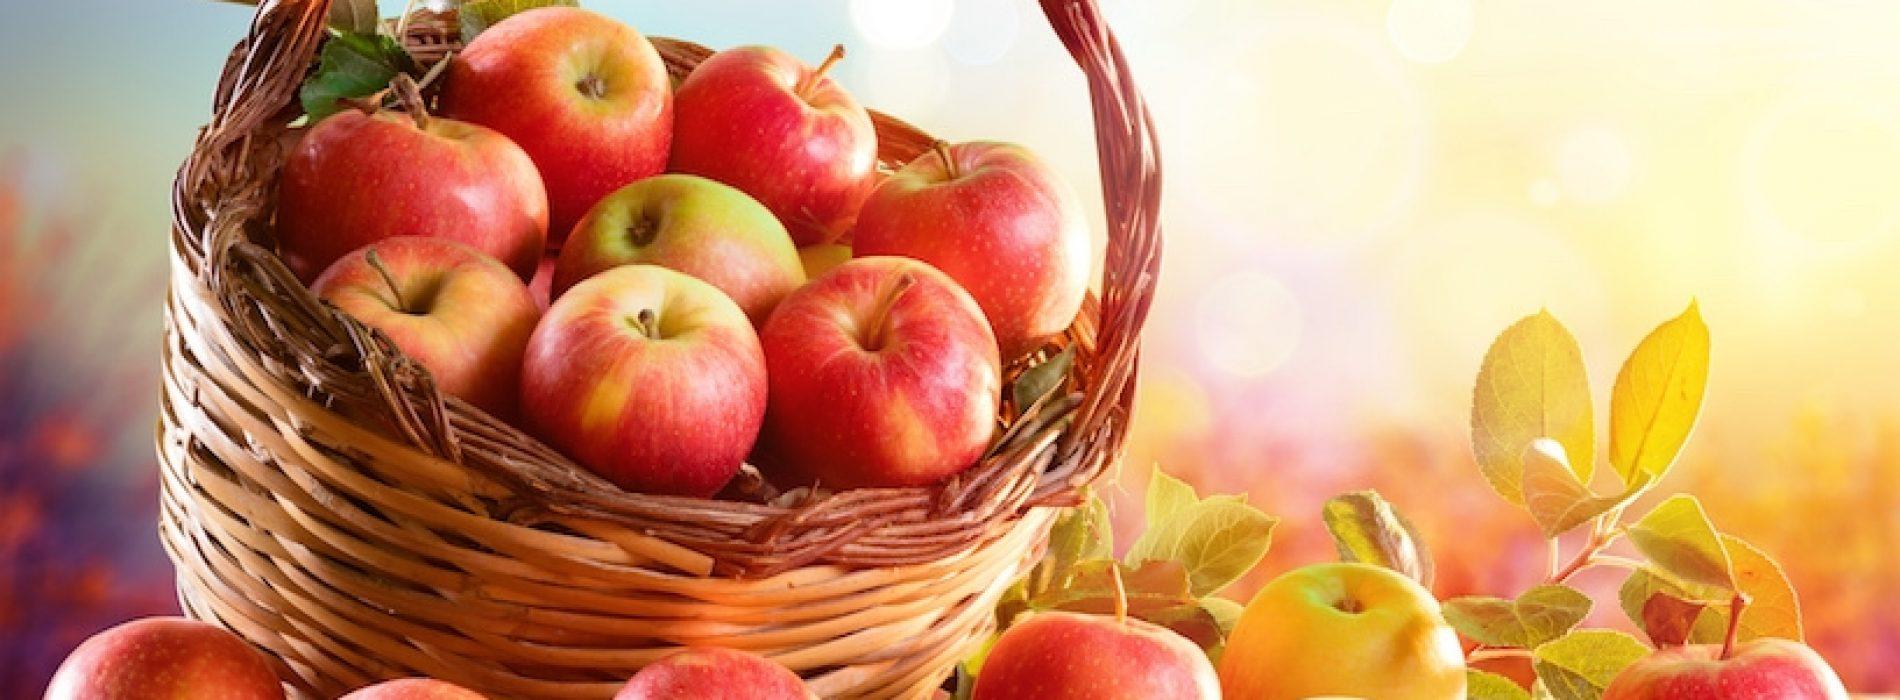 Biologische appels zijn beter dan conventionele appels voor de darmgezondheid, blijkt uit nieuwe studie